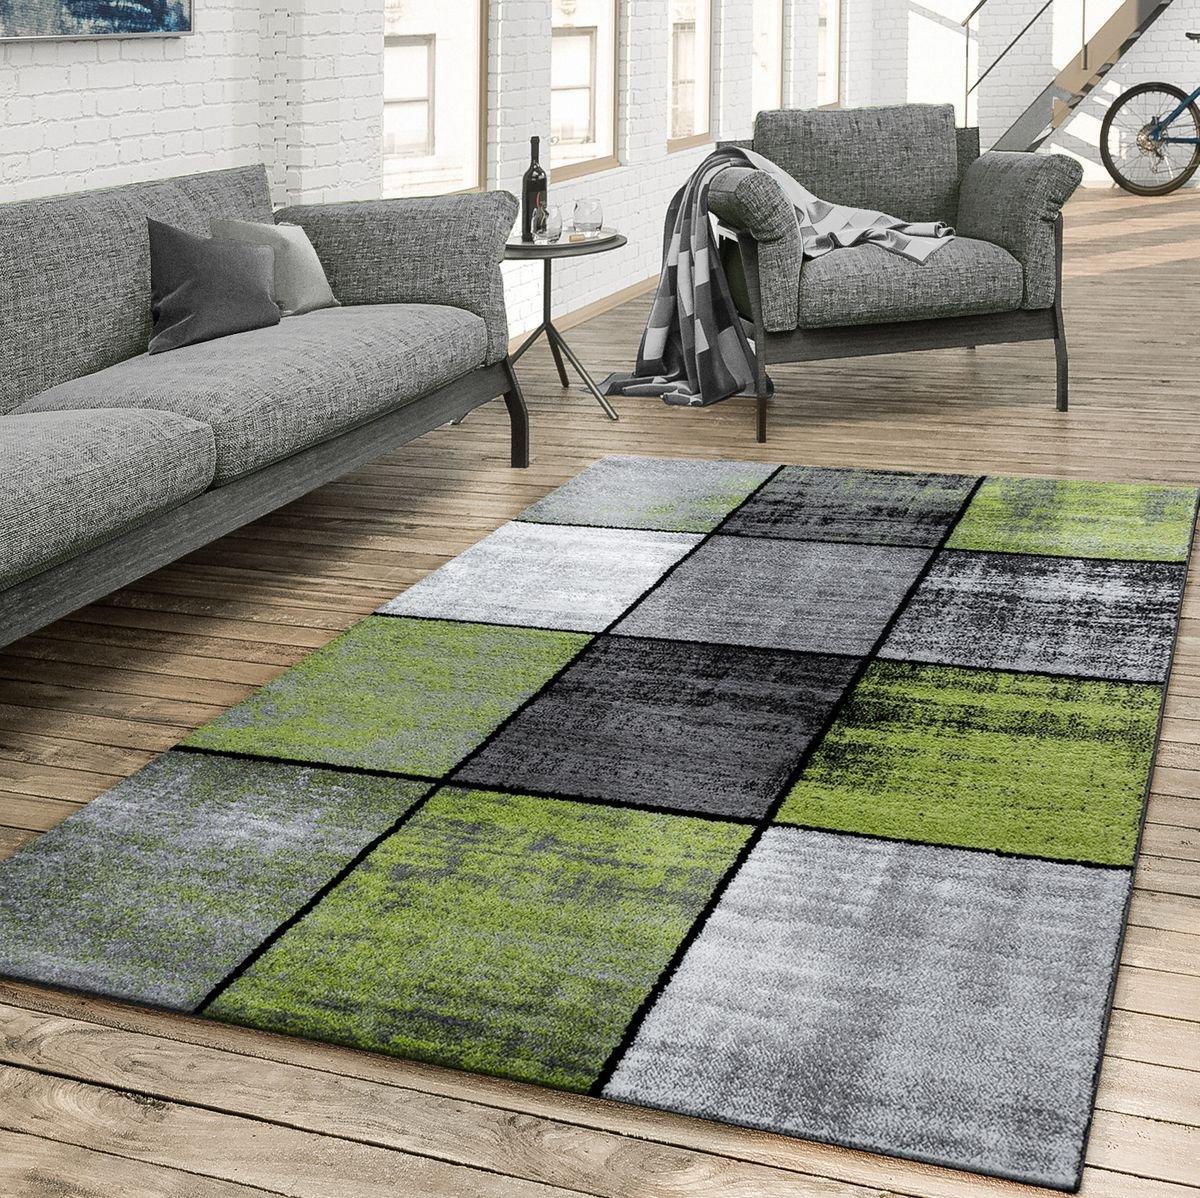 T T Design Teppich Wohnzimmer Kariert Modern Kariert Wohnzimmer